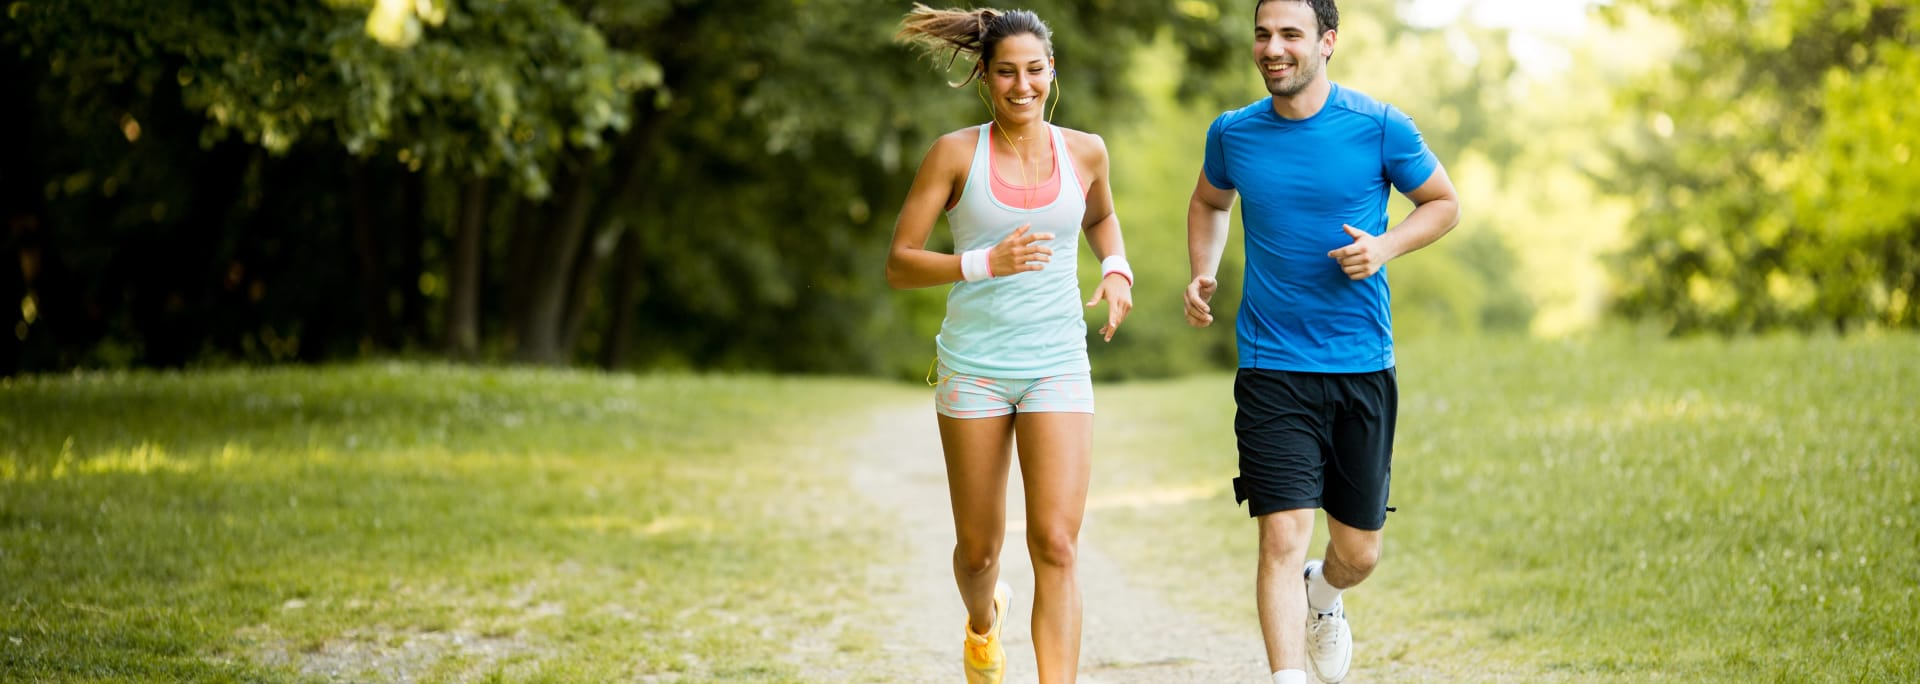 ¿Quieres correr sin molestias estomacales? Descubre qué alimentos debes evitar para entrenar y competir al cien por cien de tu capacidad